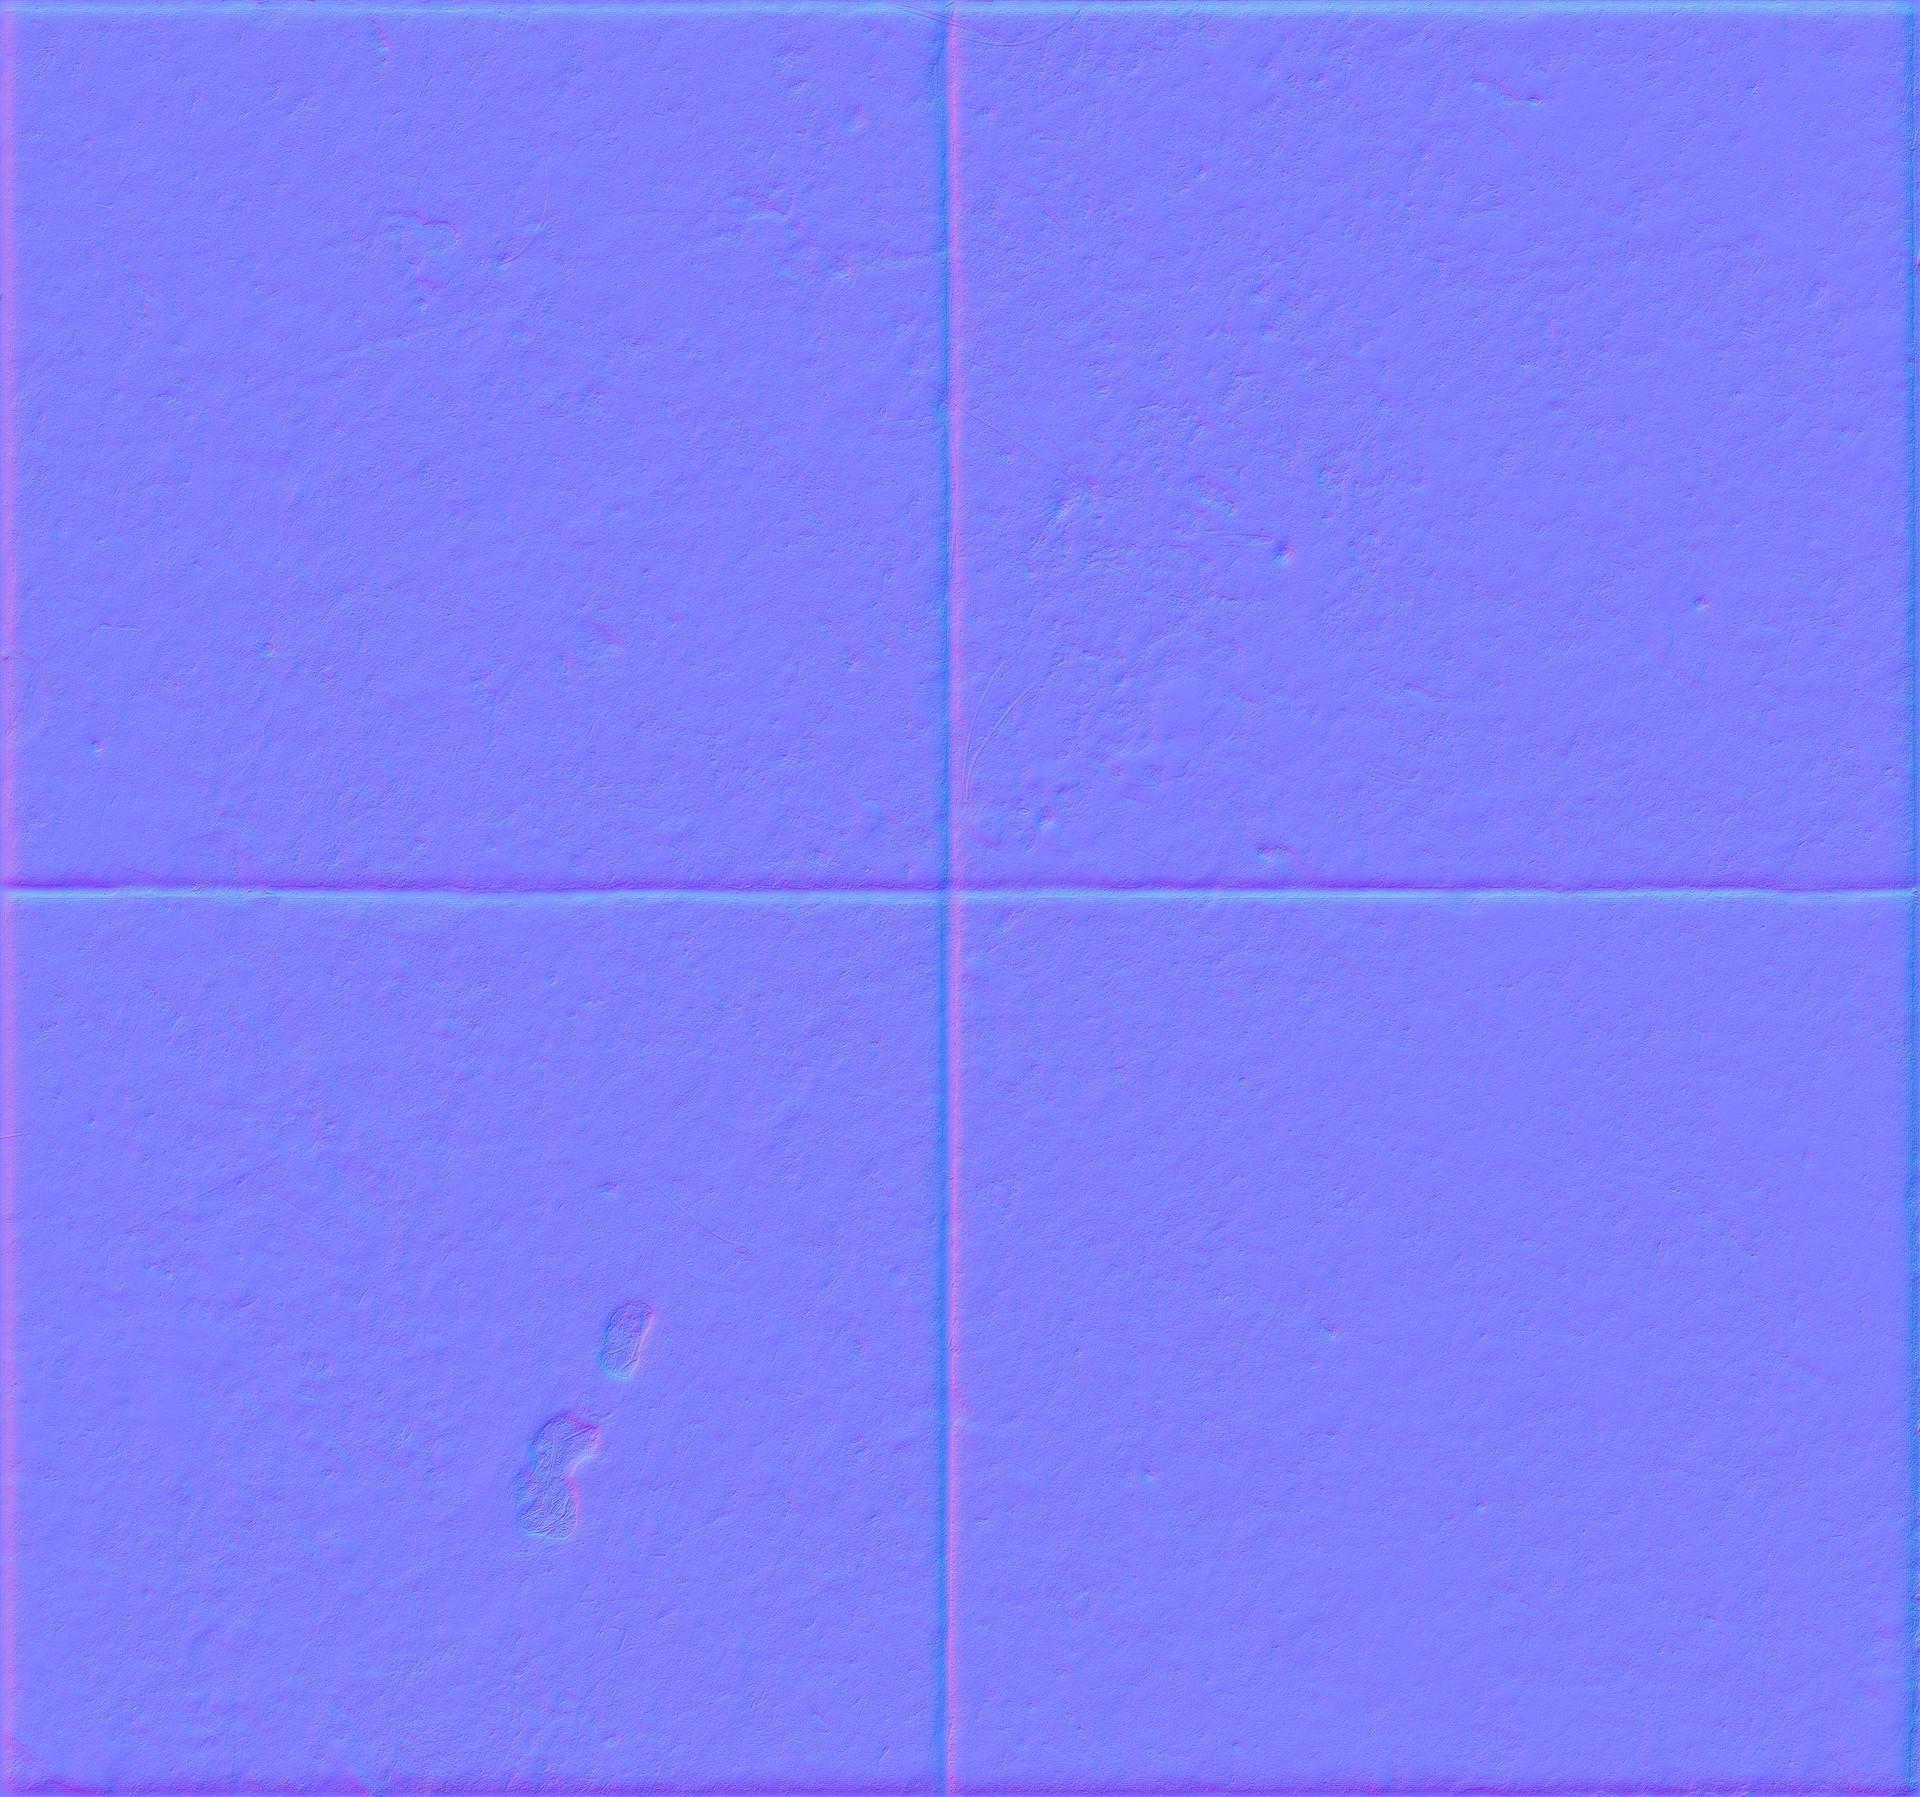 ArtStation - 5K textures of Tile 2, Miloš Belanec